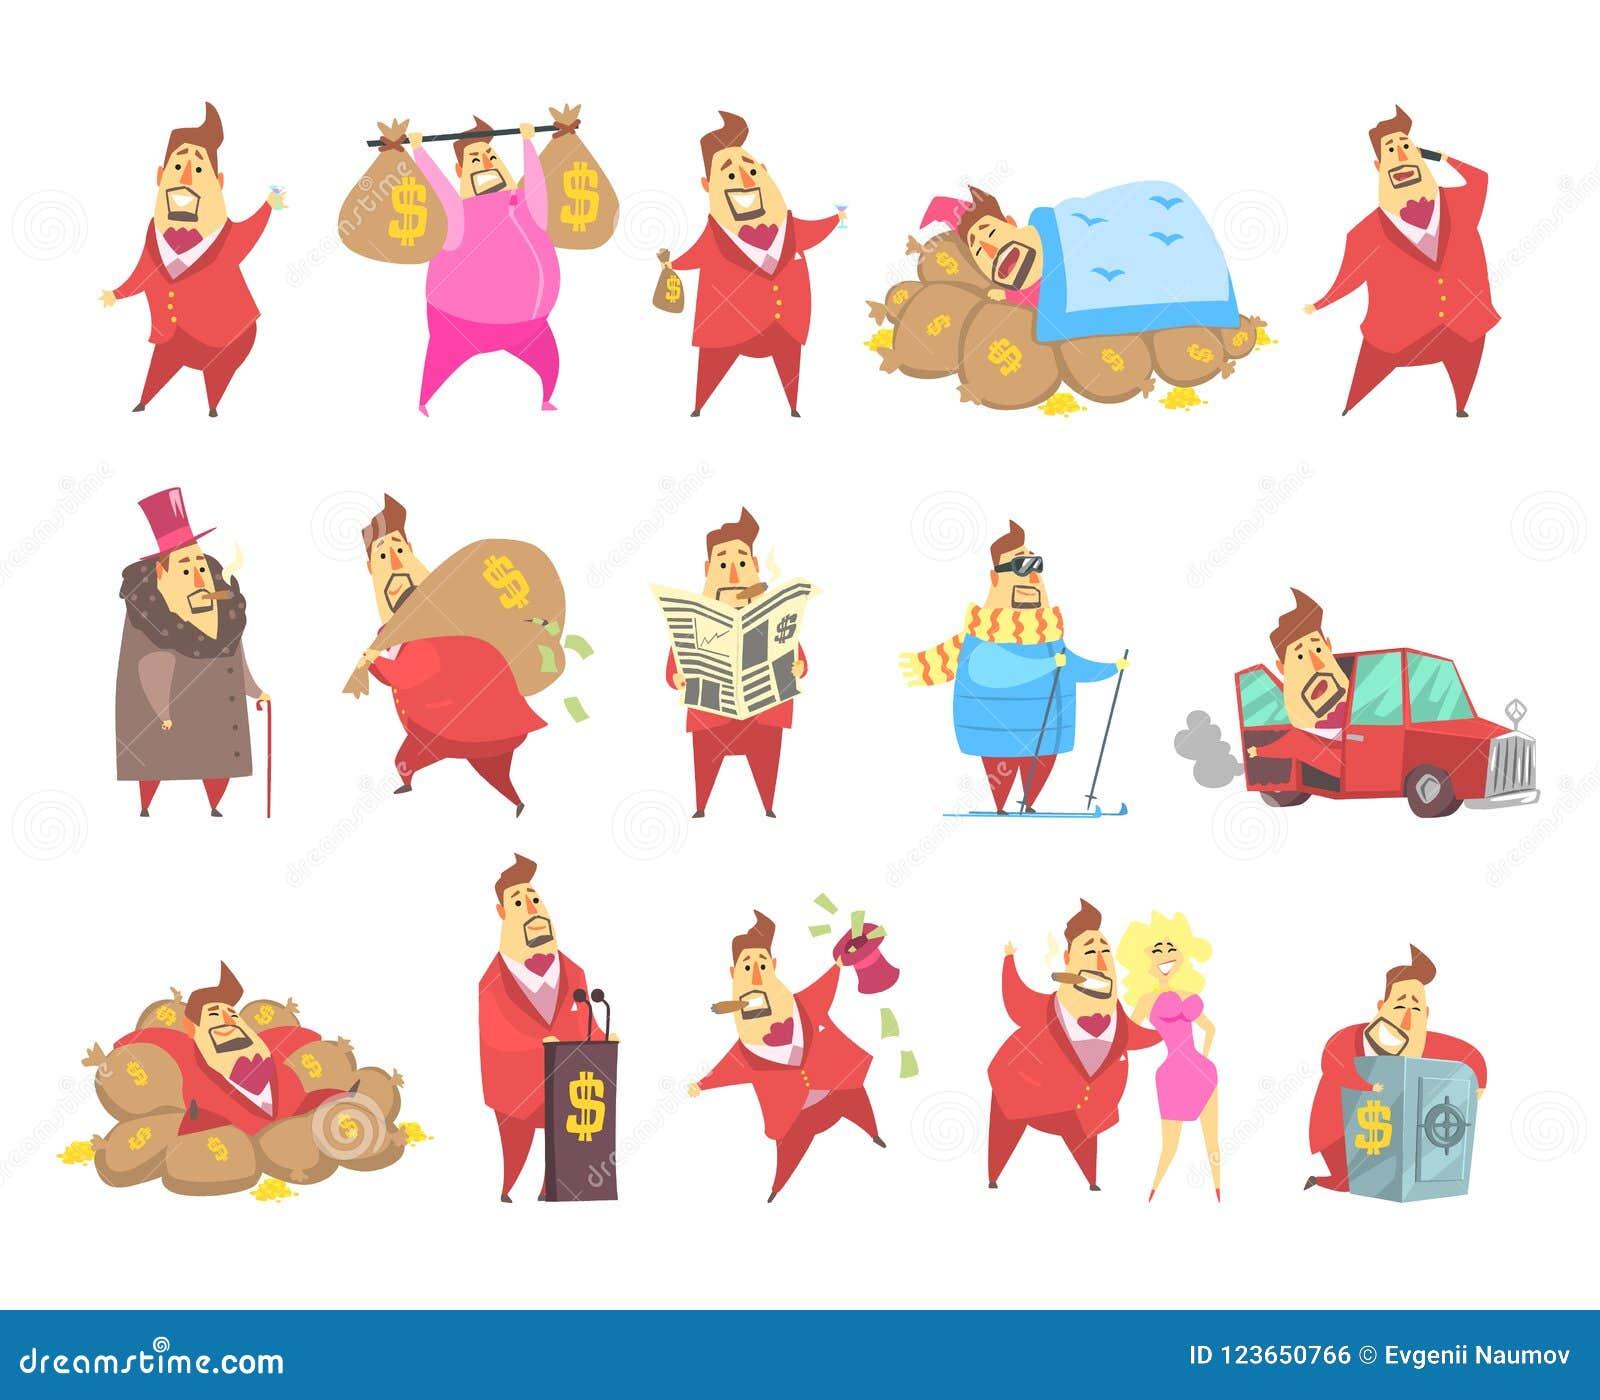 Los hombres ricos en grasas del millonario en traje rojo, carácter capitalista divertido en diversas situaciones vector ejemplos